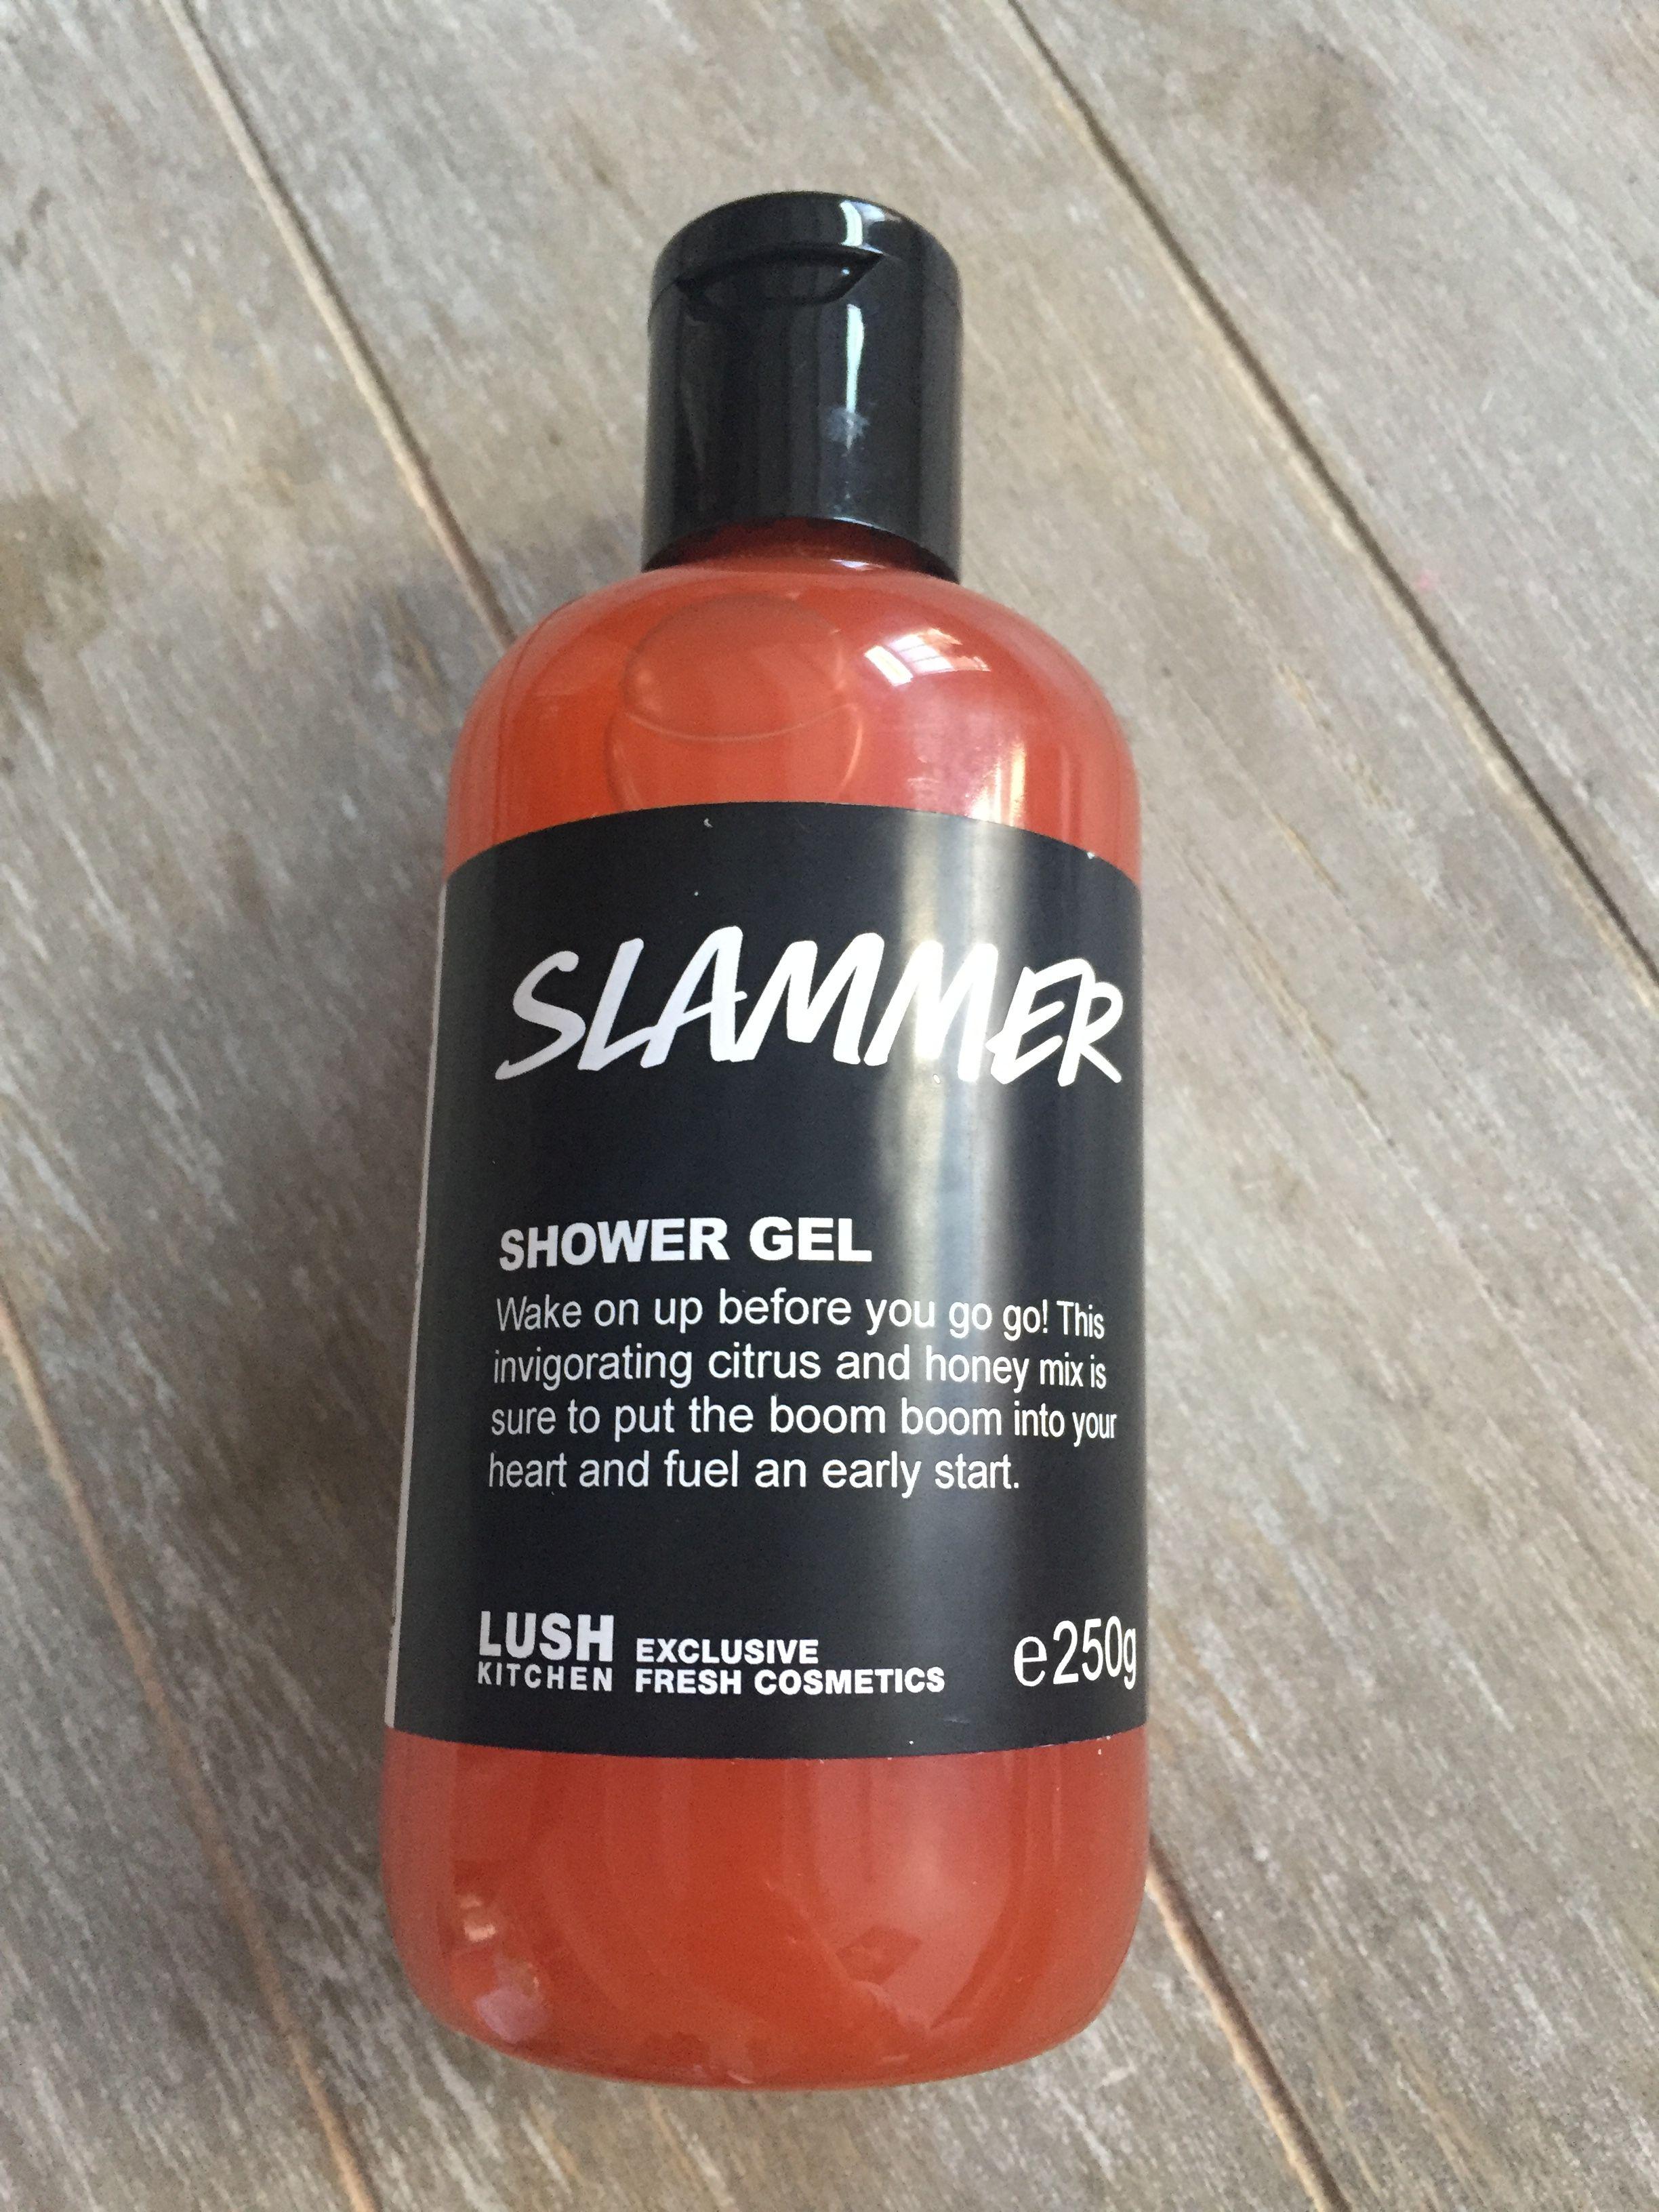 Slammer showergel lush kitchen exclusive | Lush shower gel ...